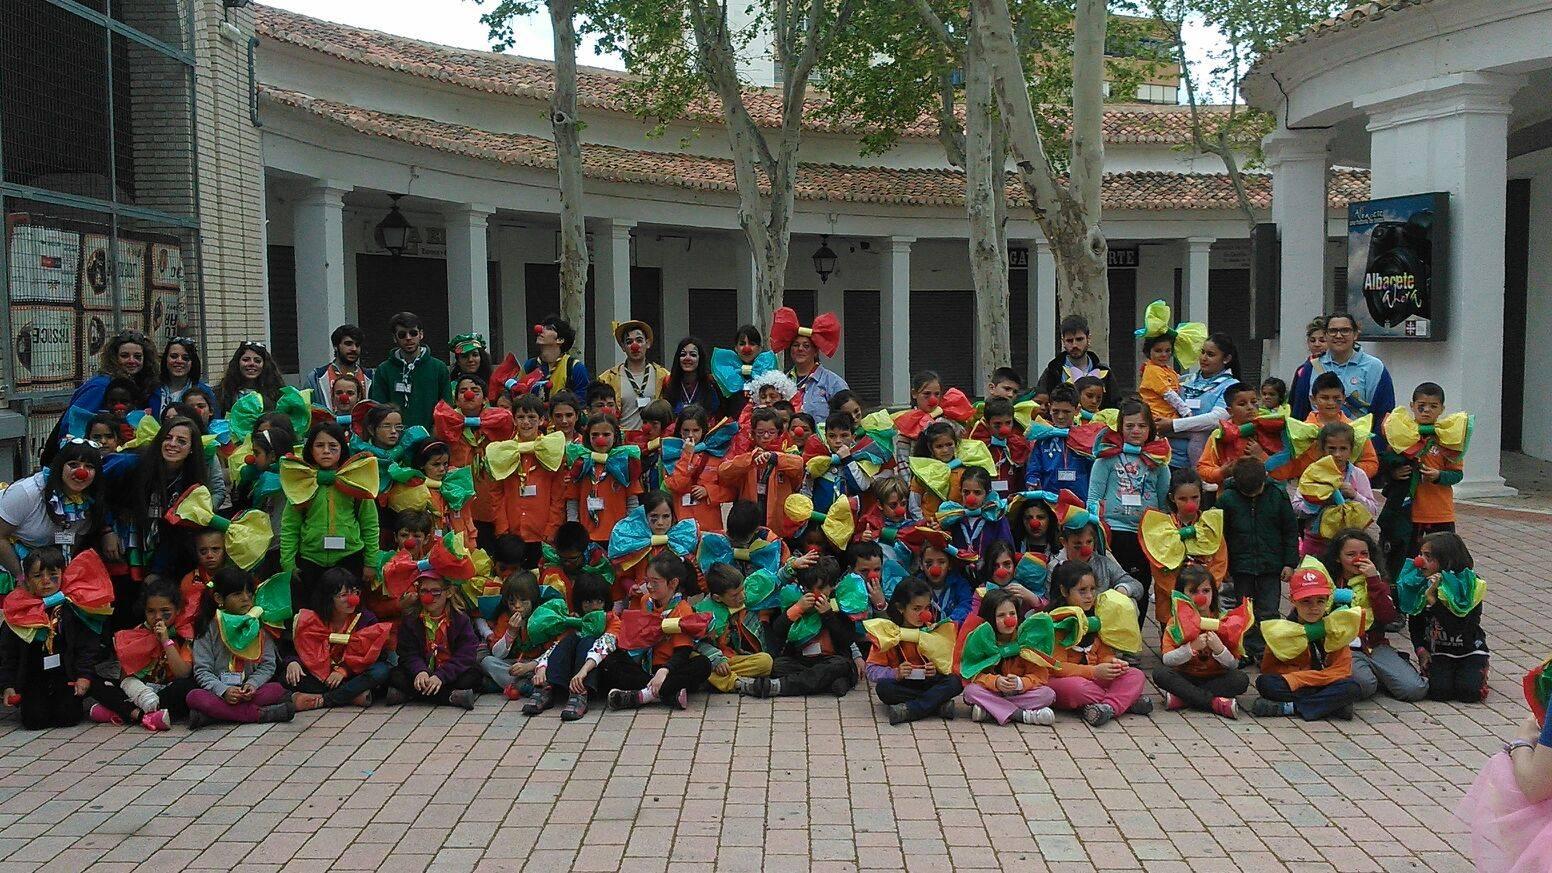 Scout de Herencia en el encuentro regional San Jorge CLM de Albacete - El grupo Scout La Inmaculada participa en el encuentro regional de scouts católicos